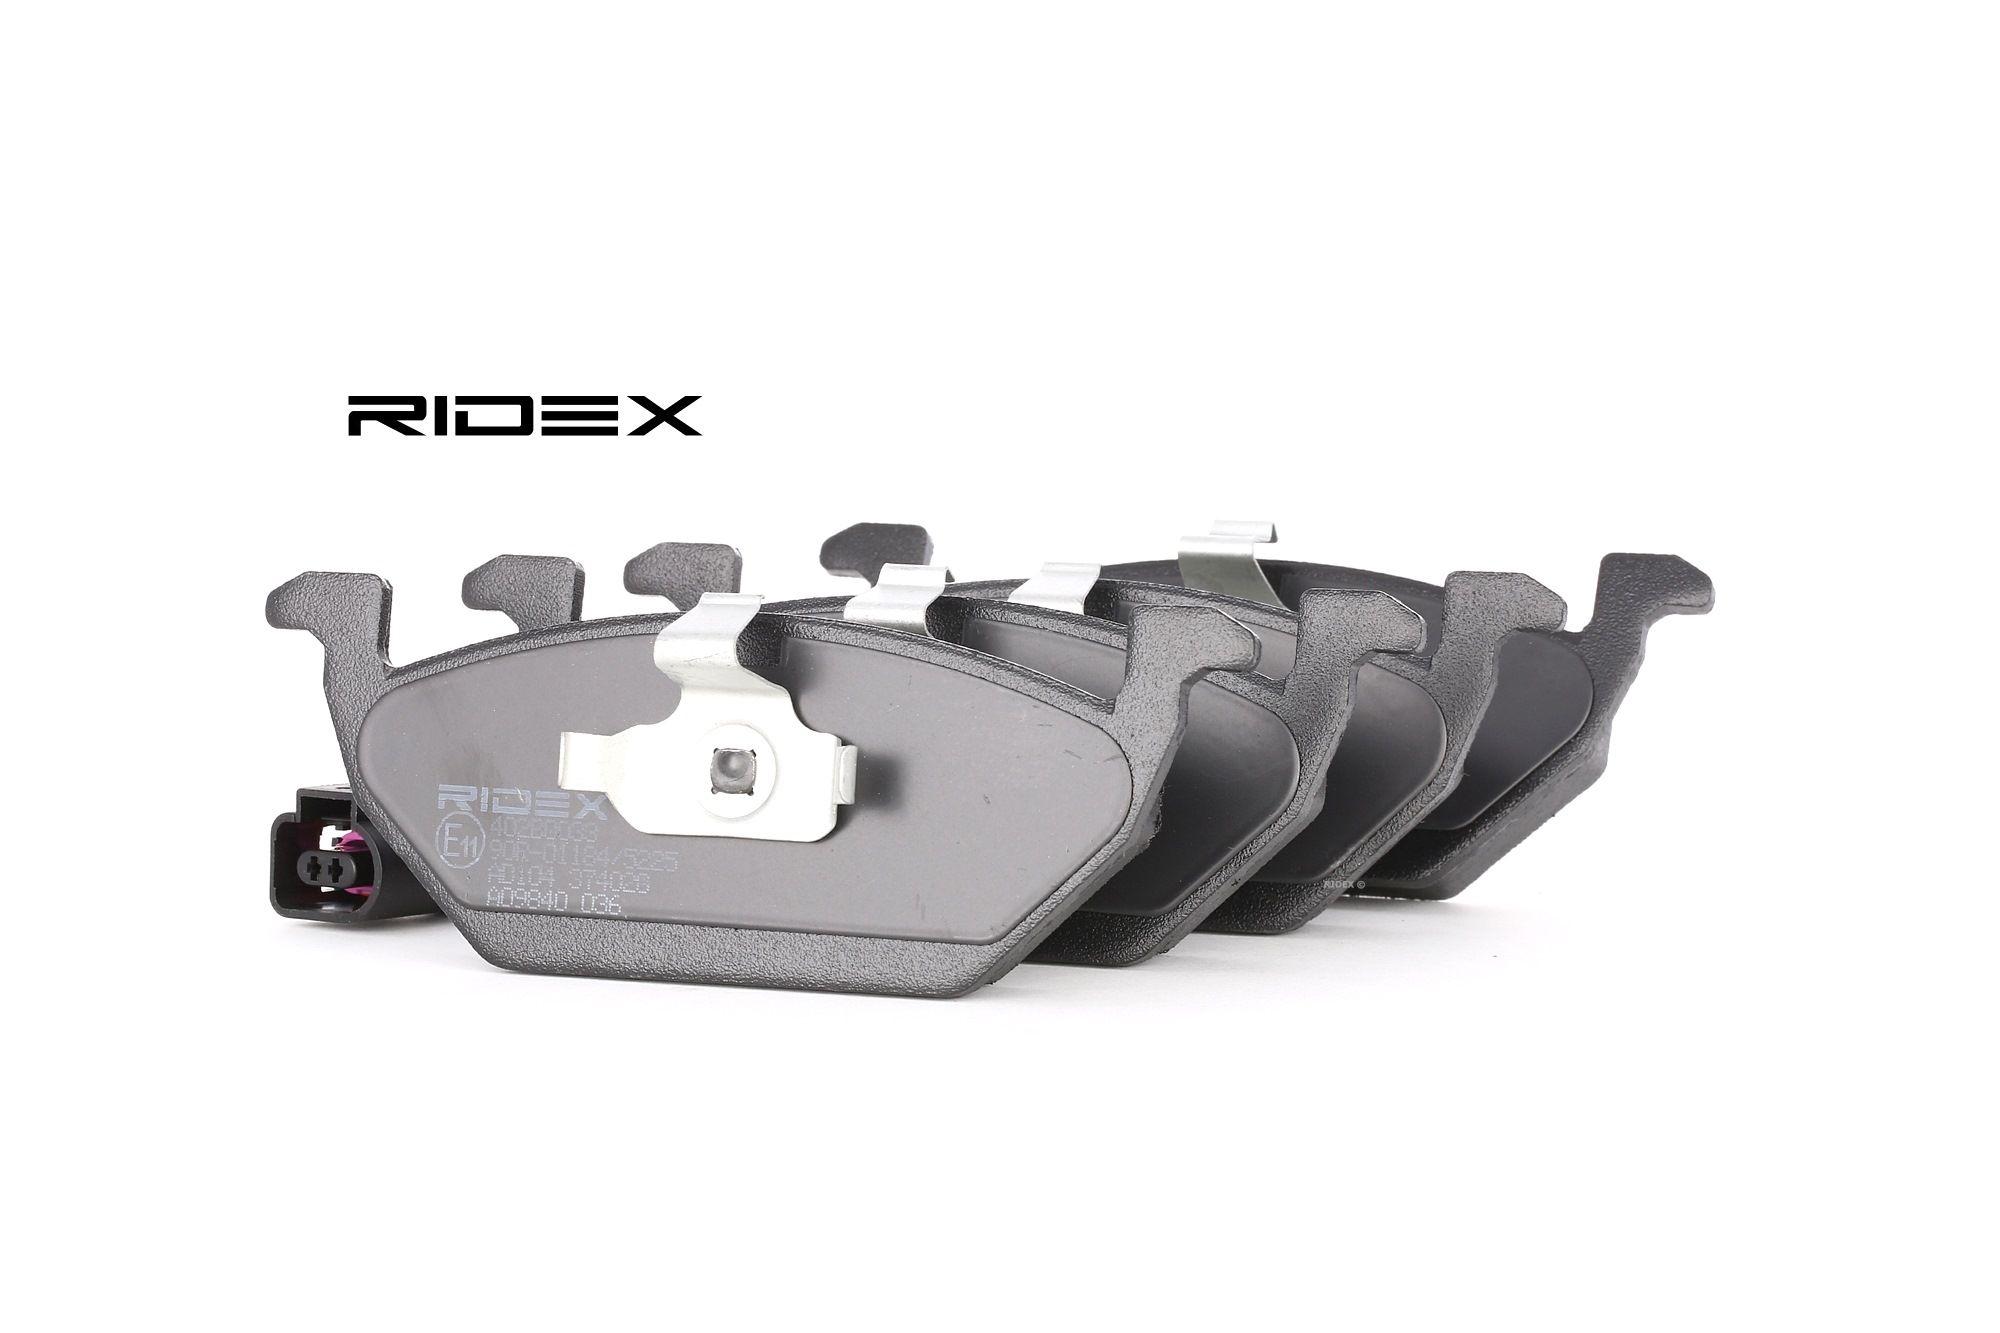 RIDEX 402B1248 Jeu de plaquettes de frein et plaquettes de frein